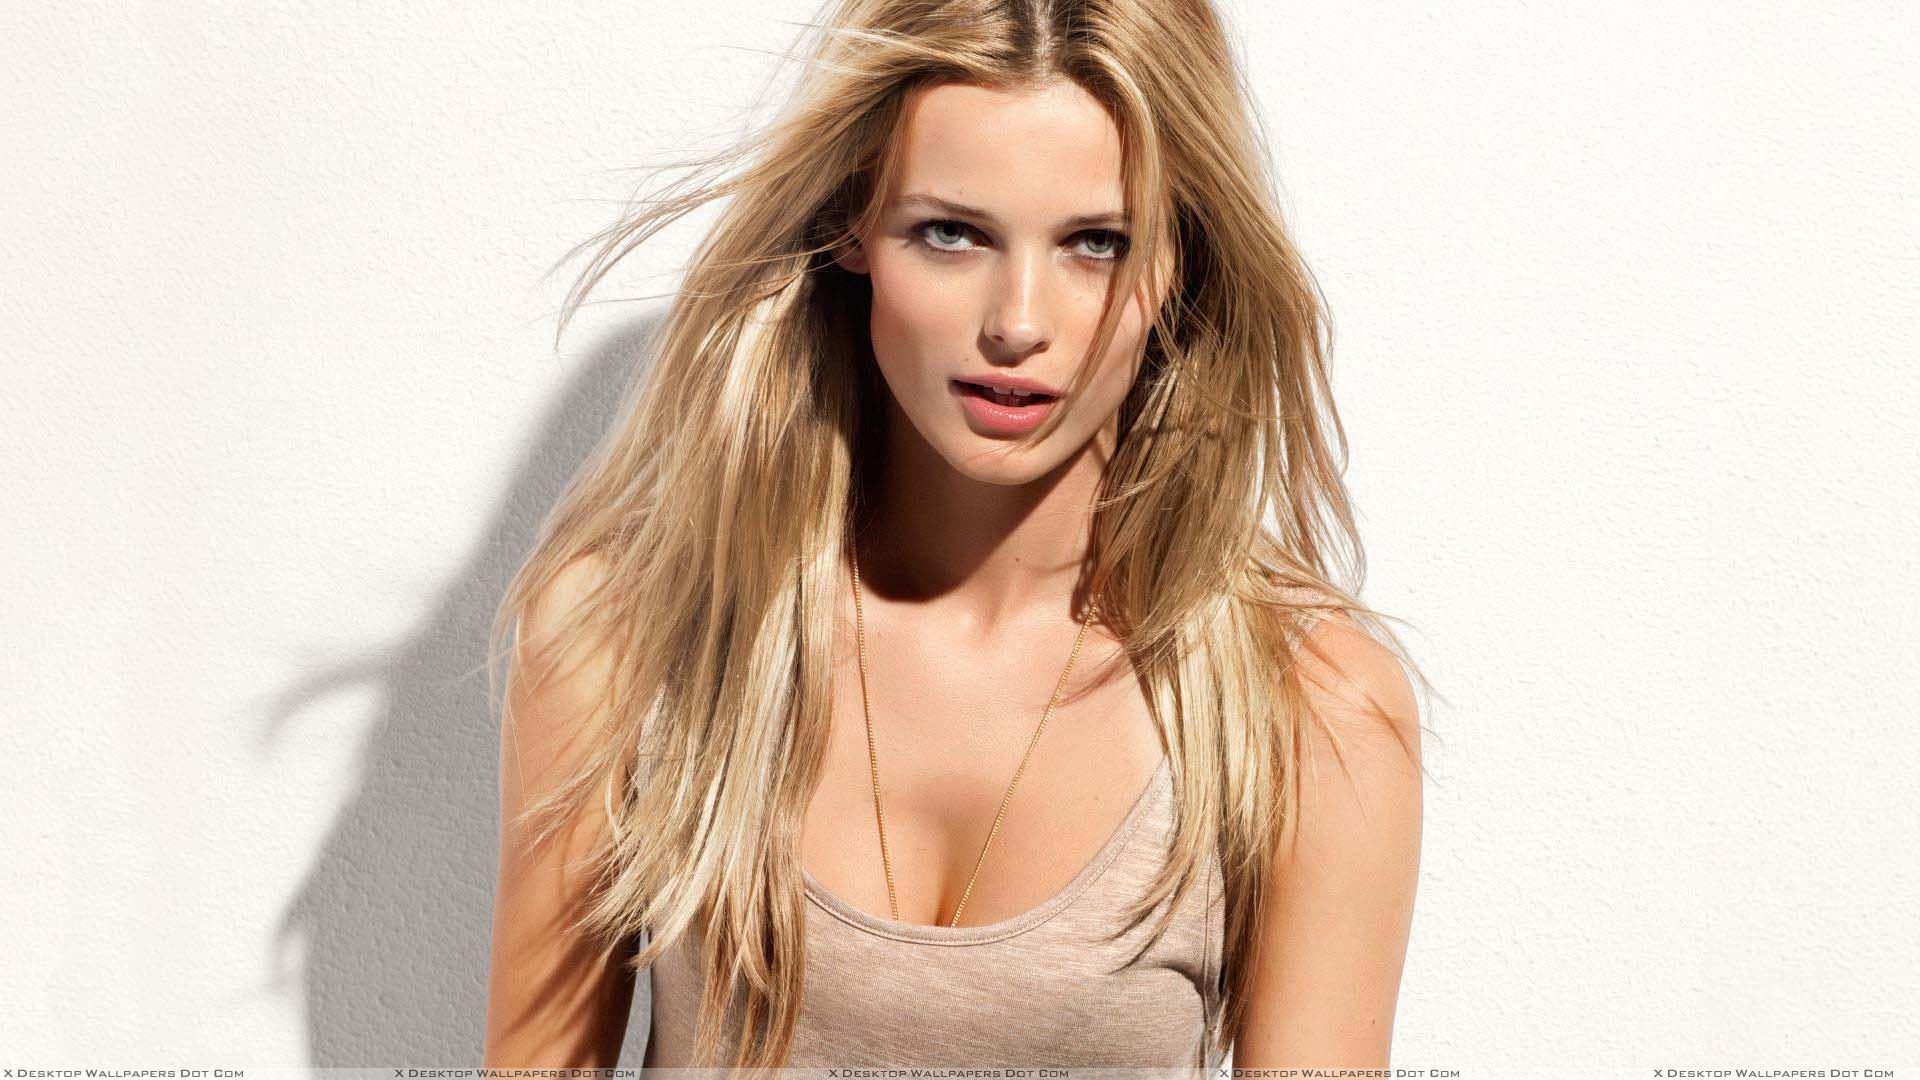 Edita Vilkeviciute, Model Lithuania Yang Cantik dan Mempesona